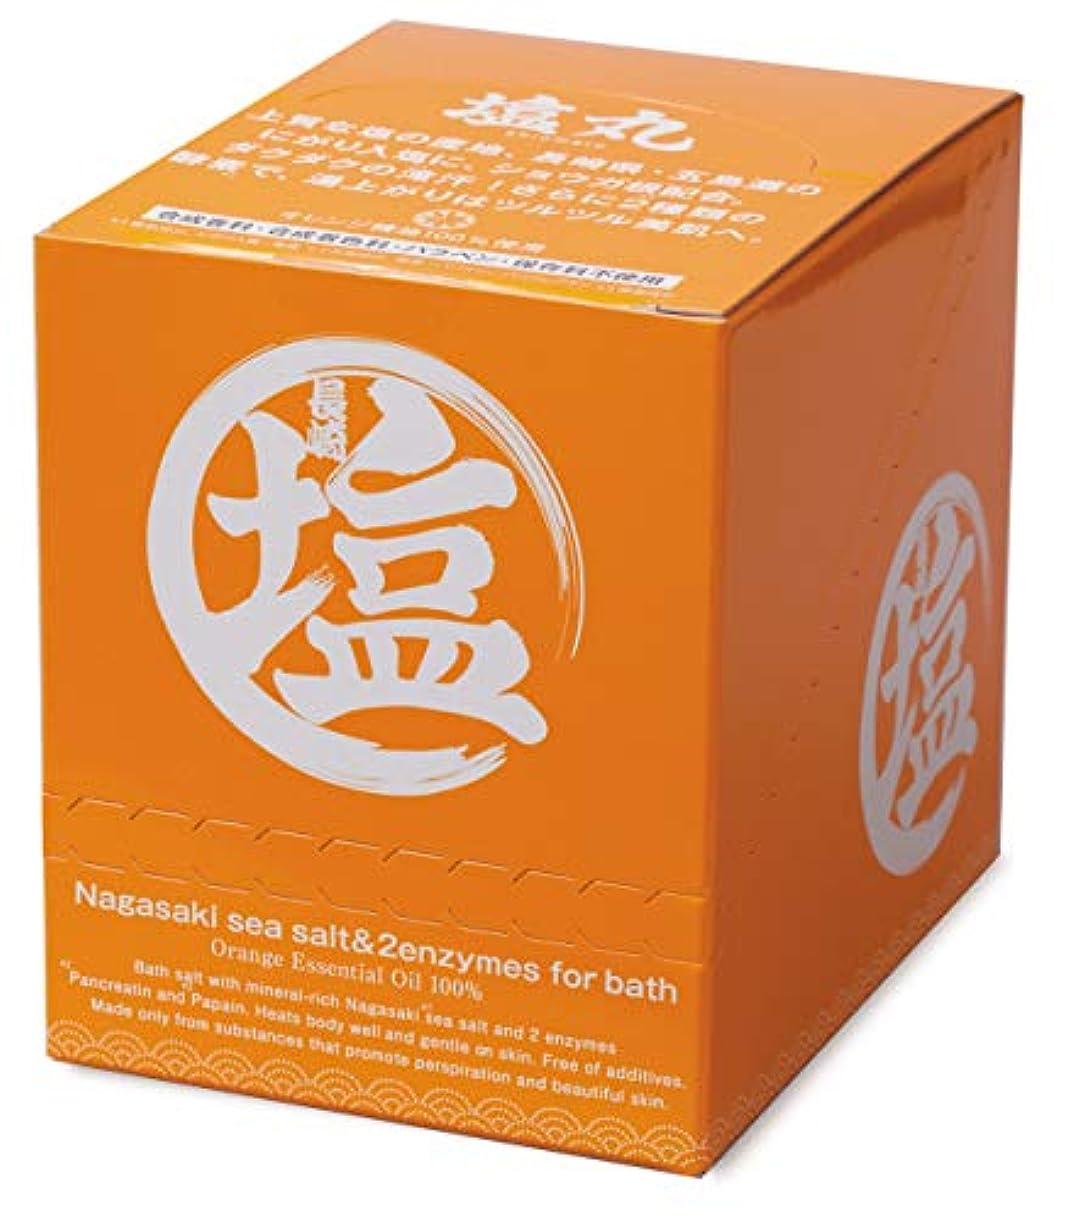 神秘的なその結果アドバンテージ(塩丸)長崎産にがり入海塩入浴剤(40g×12包入)オレンジ精油/合成香料?合成着色料?保存料不使用